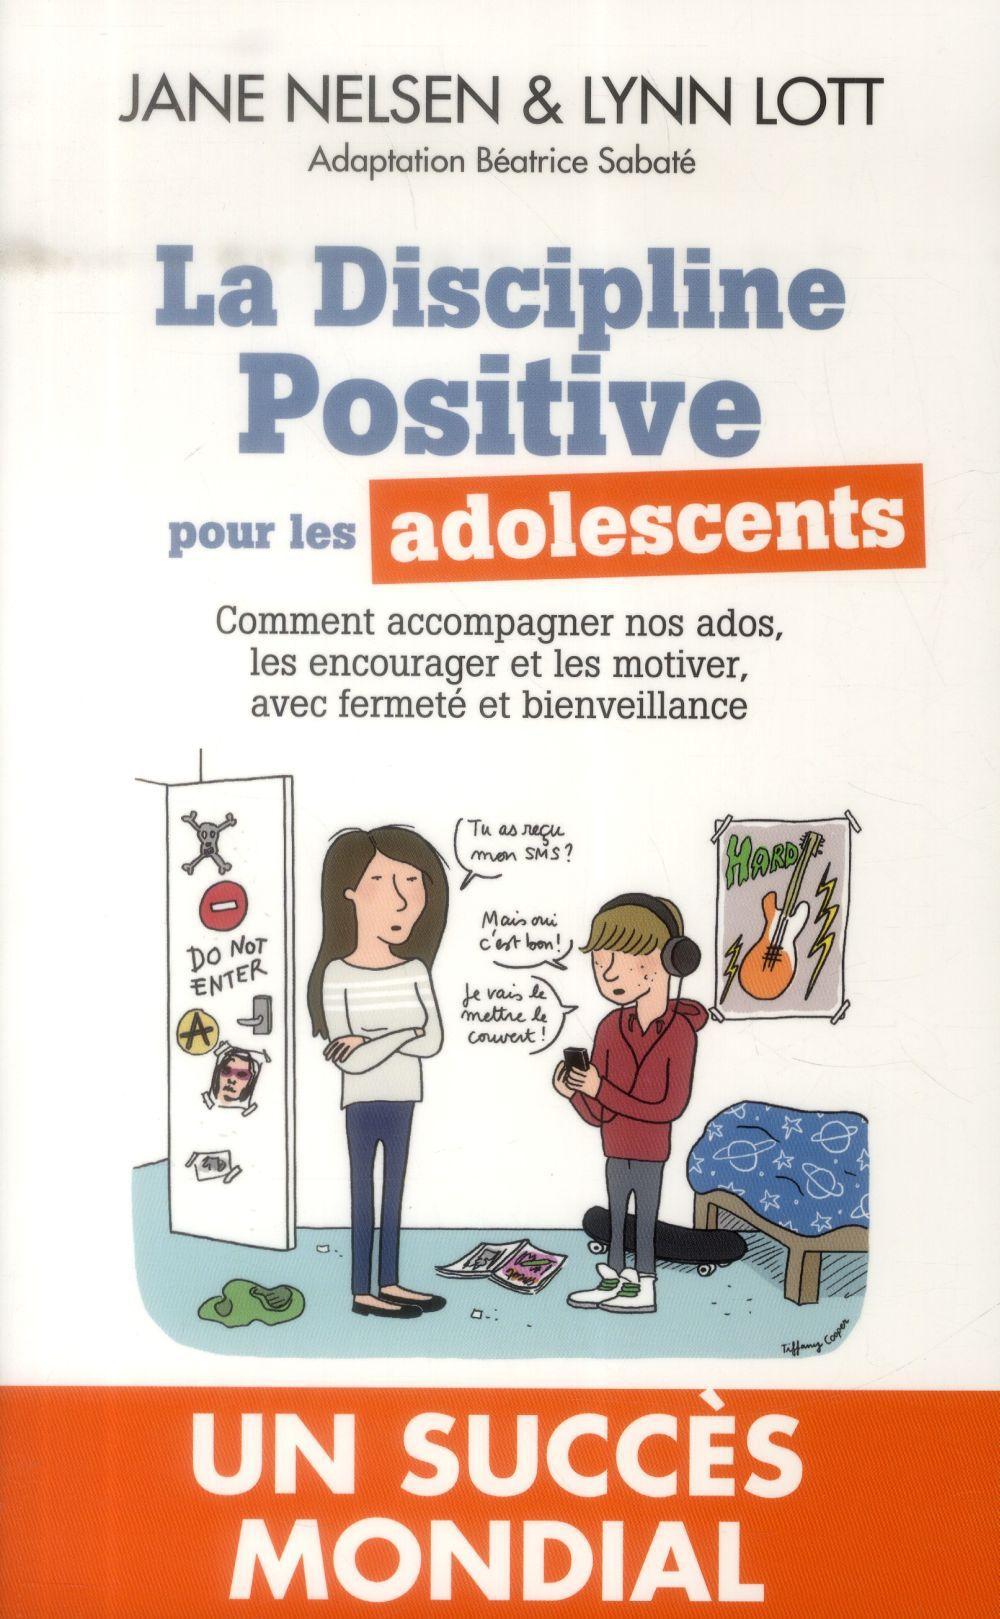 La Discipline positive pour les adolescents  - Beatrice Sabate  - Jane Nelsen